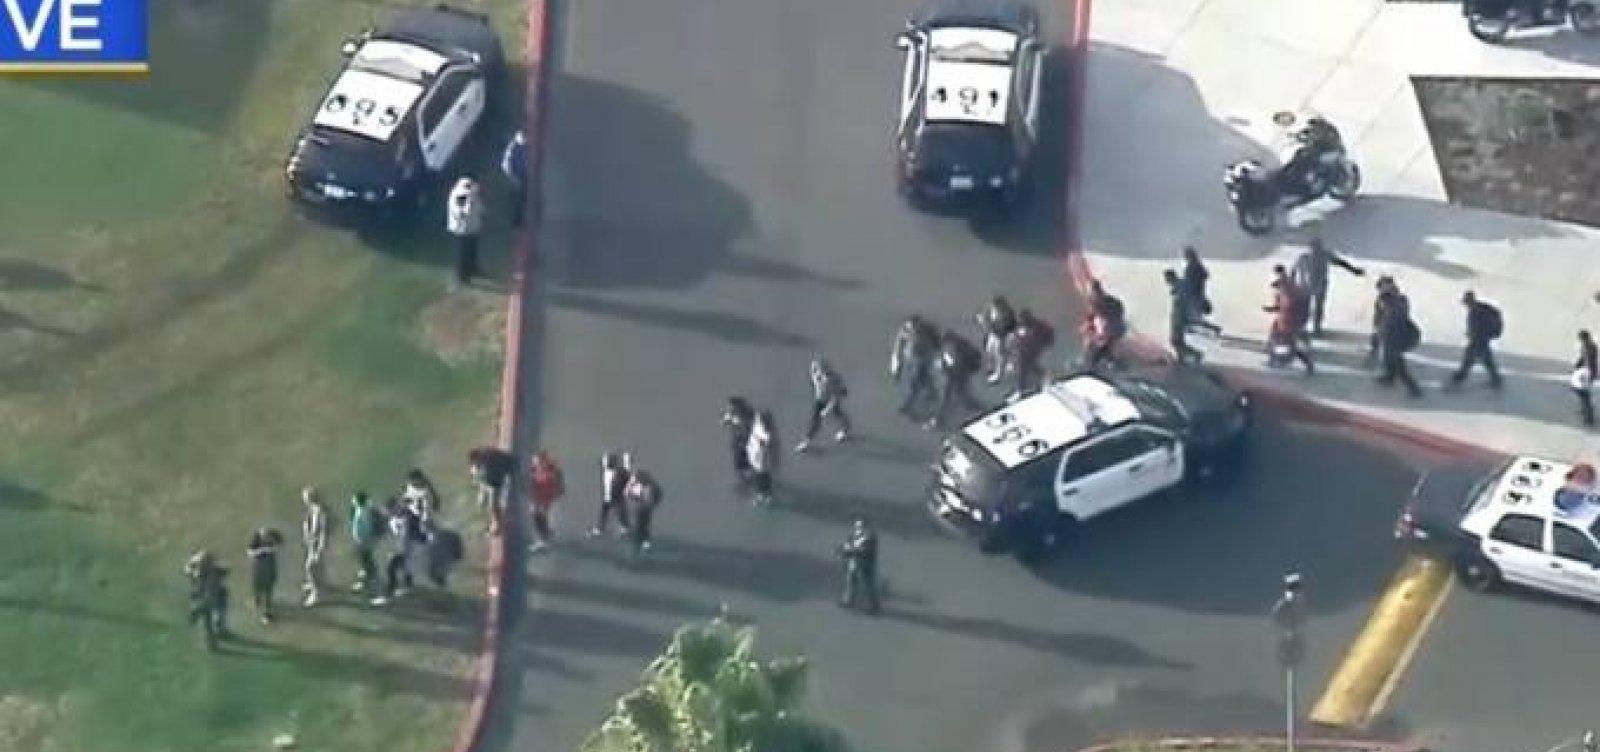 Adolescente de 16 anos atira em Alunos em escola nos Estados Unidos; 7 feridos; 2 mortos;